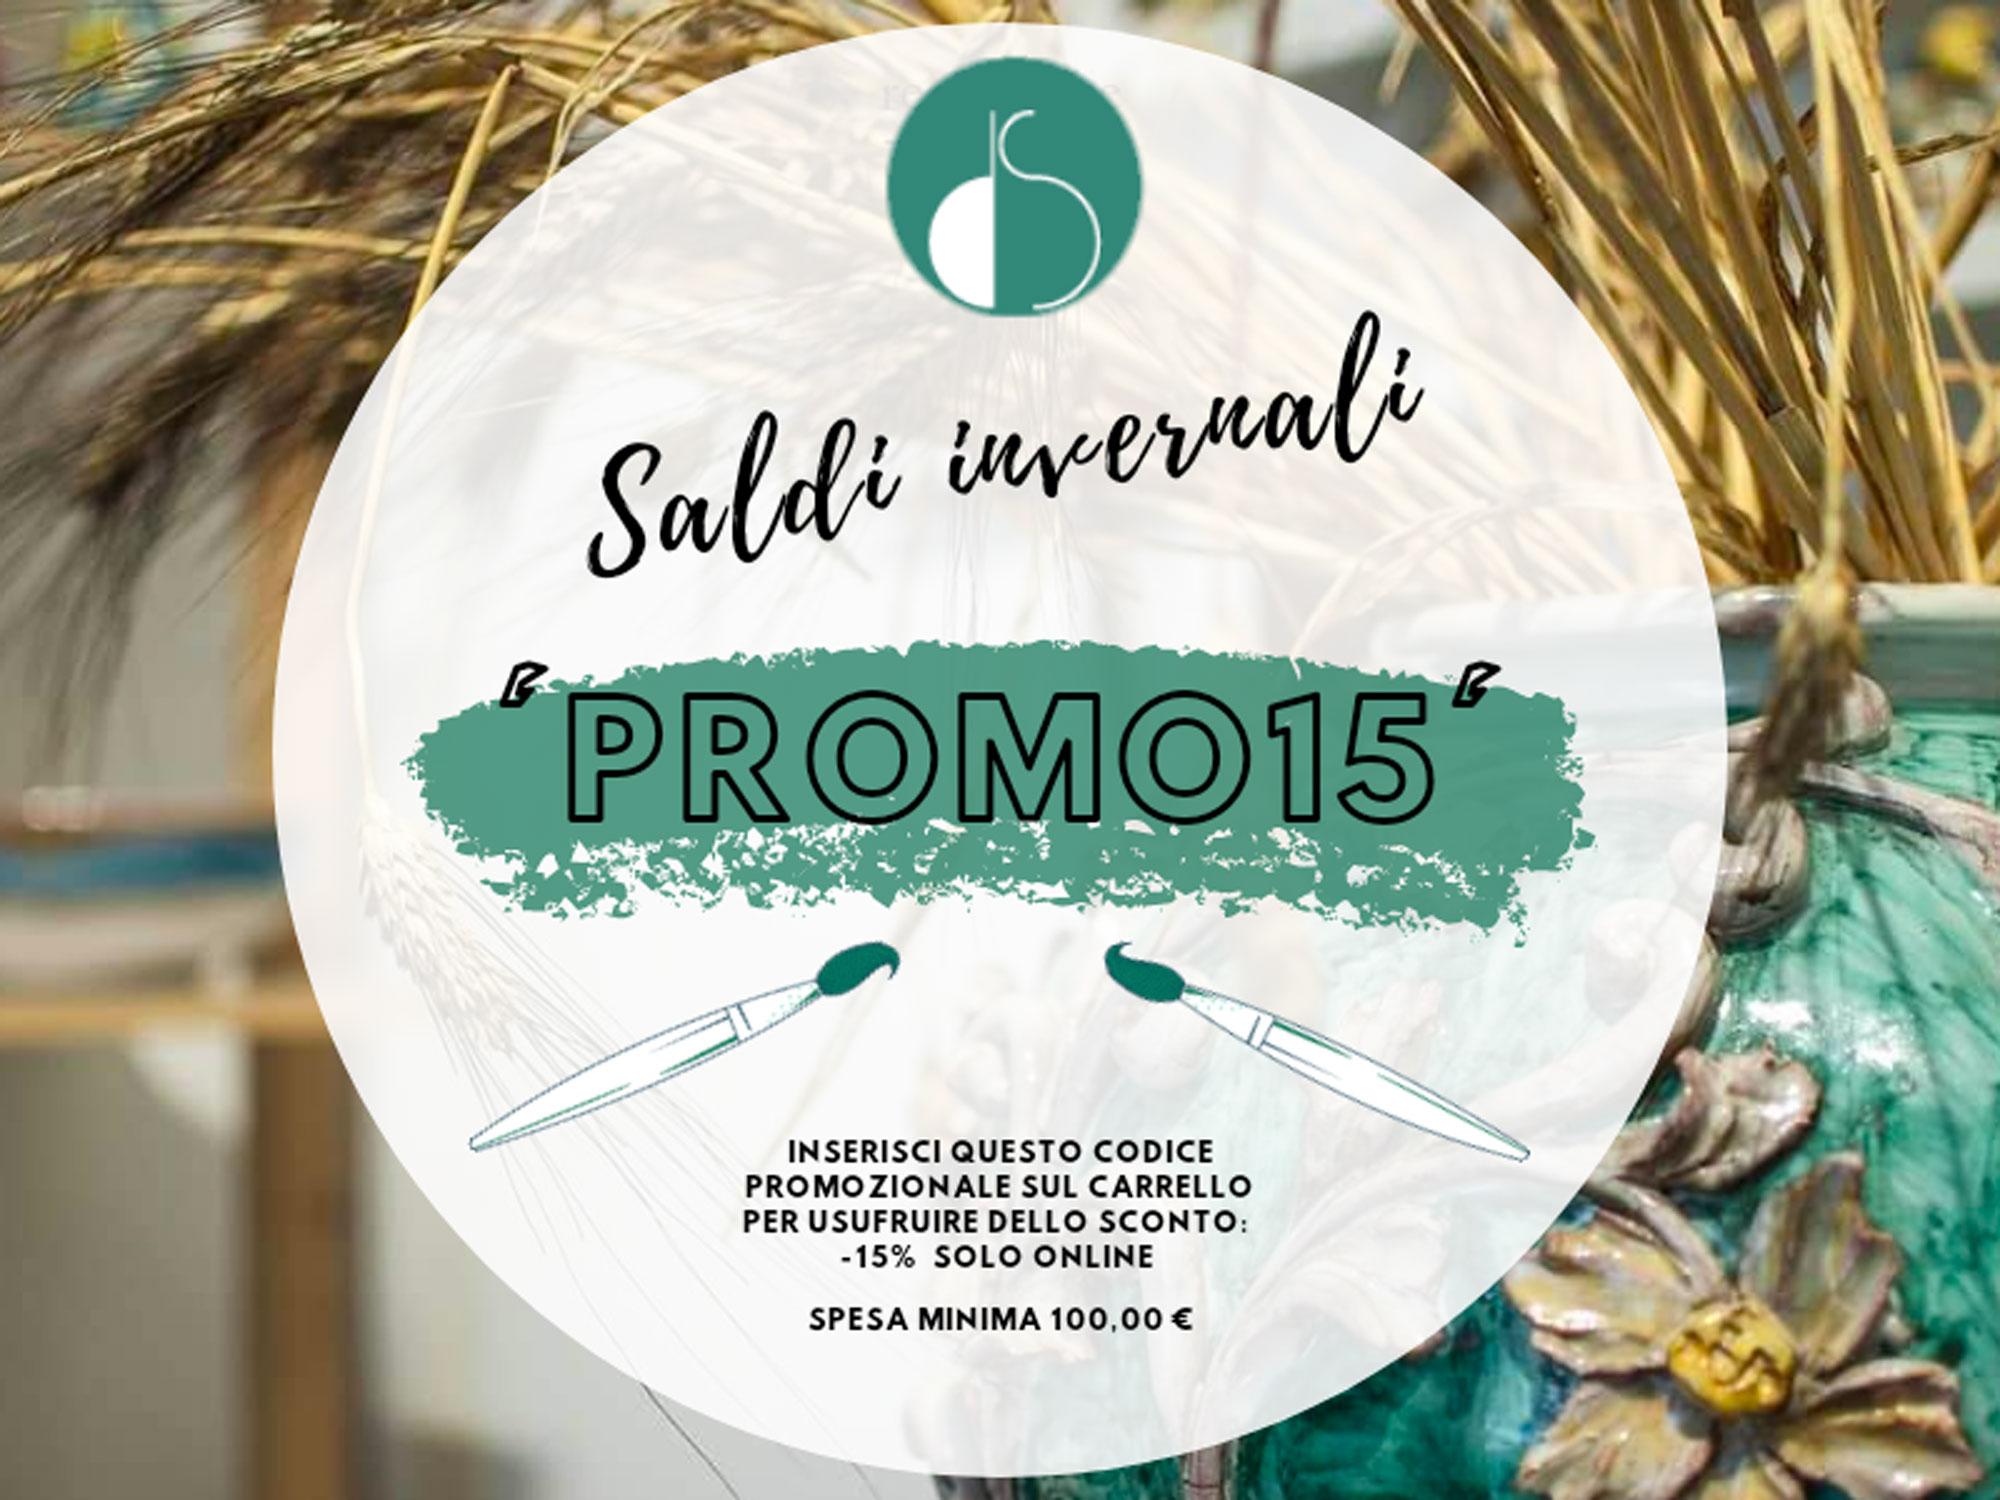 Promo15